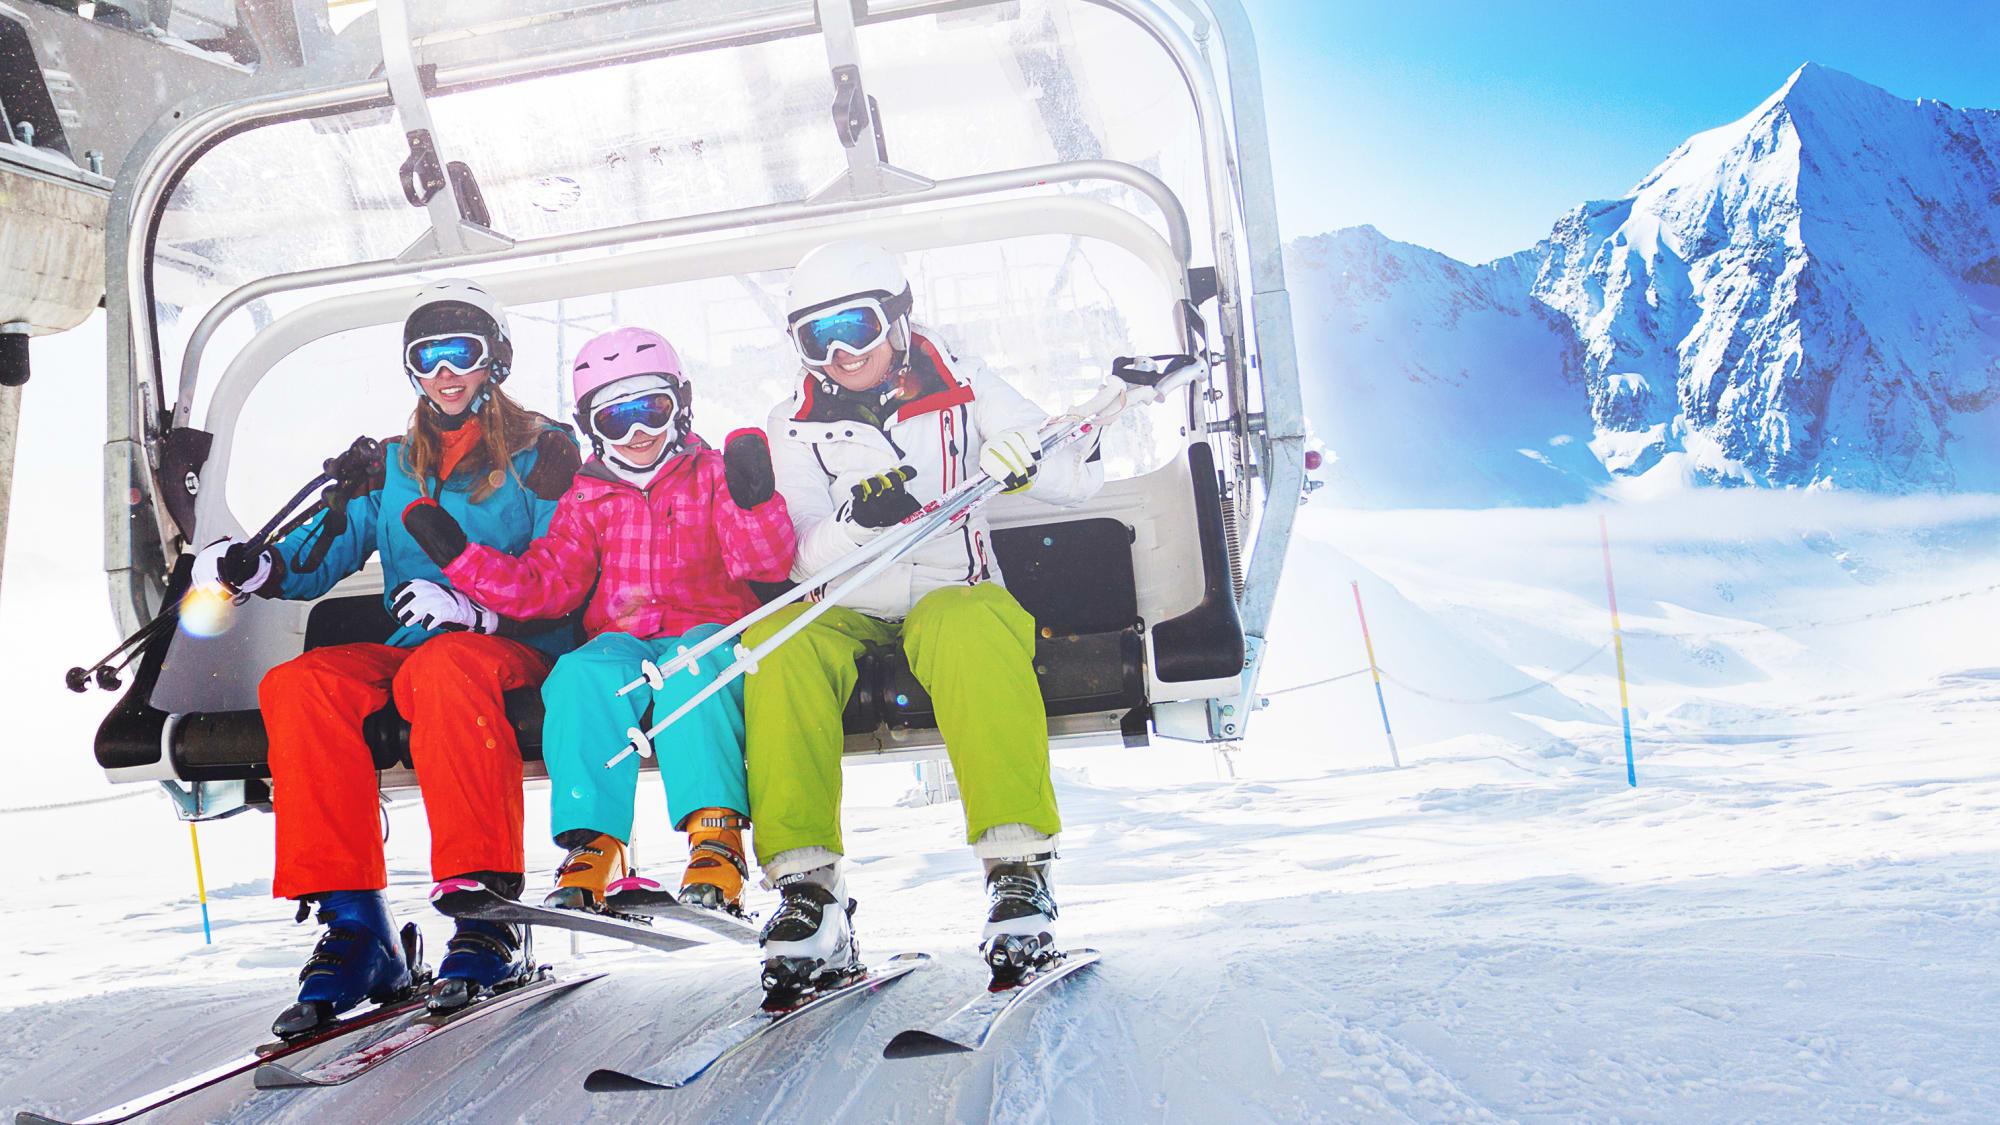 Leerer Sessellift fährt durch verschneite Winterlandschaft